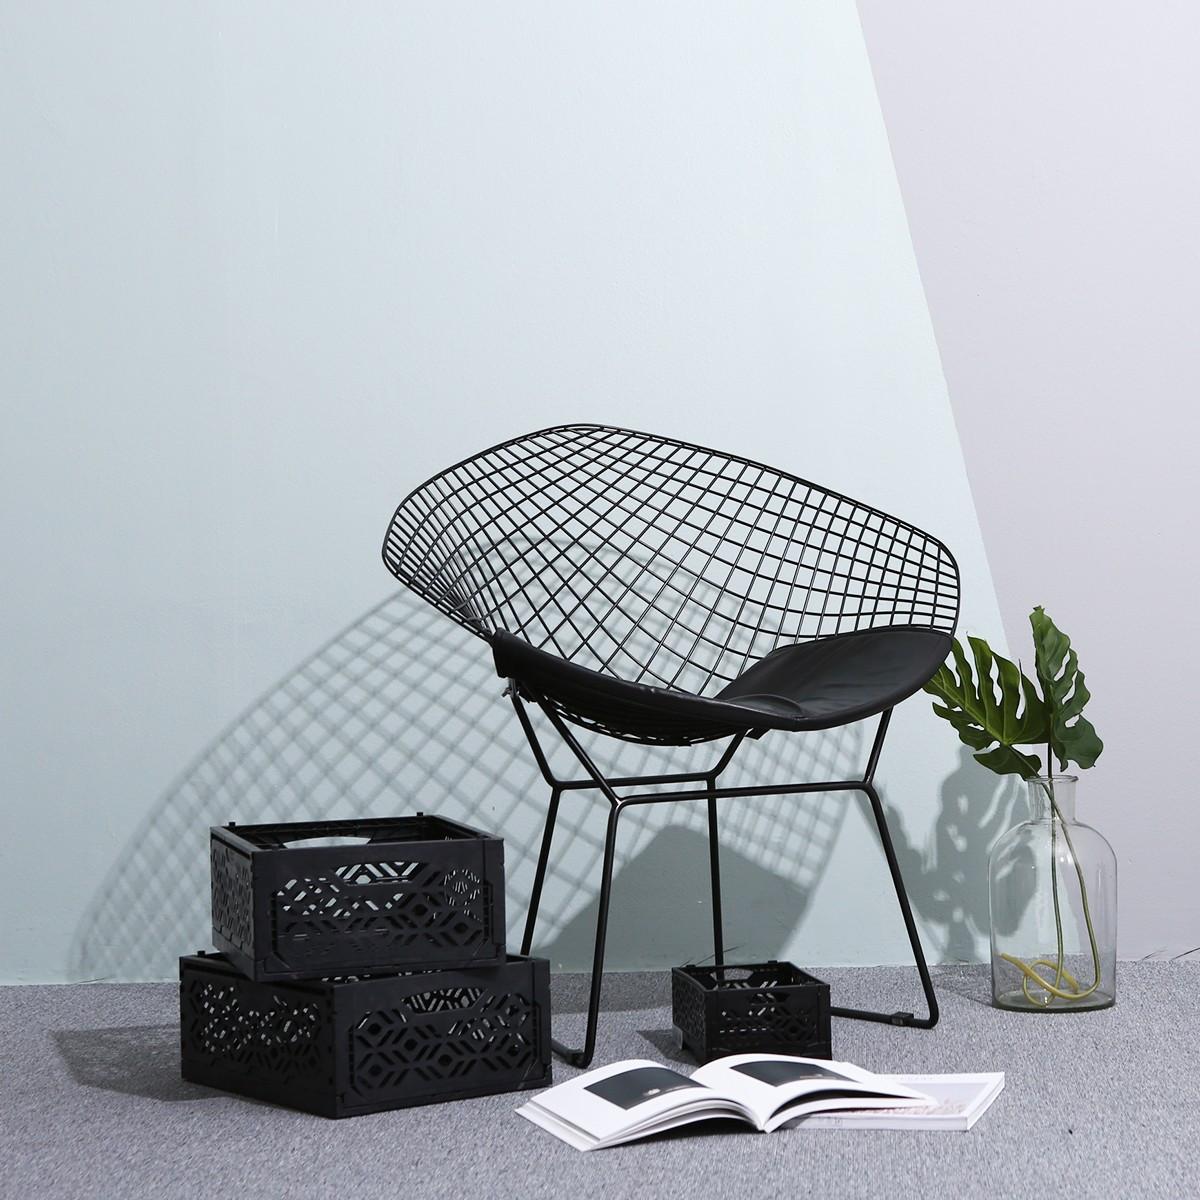 cagette empilable pliable noire cuisine. Black Bedroom Furniture Sets. Home Design Ideas